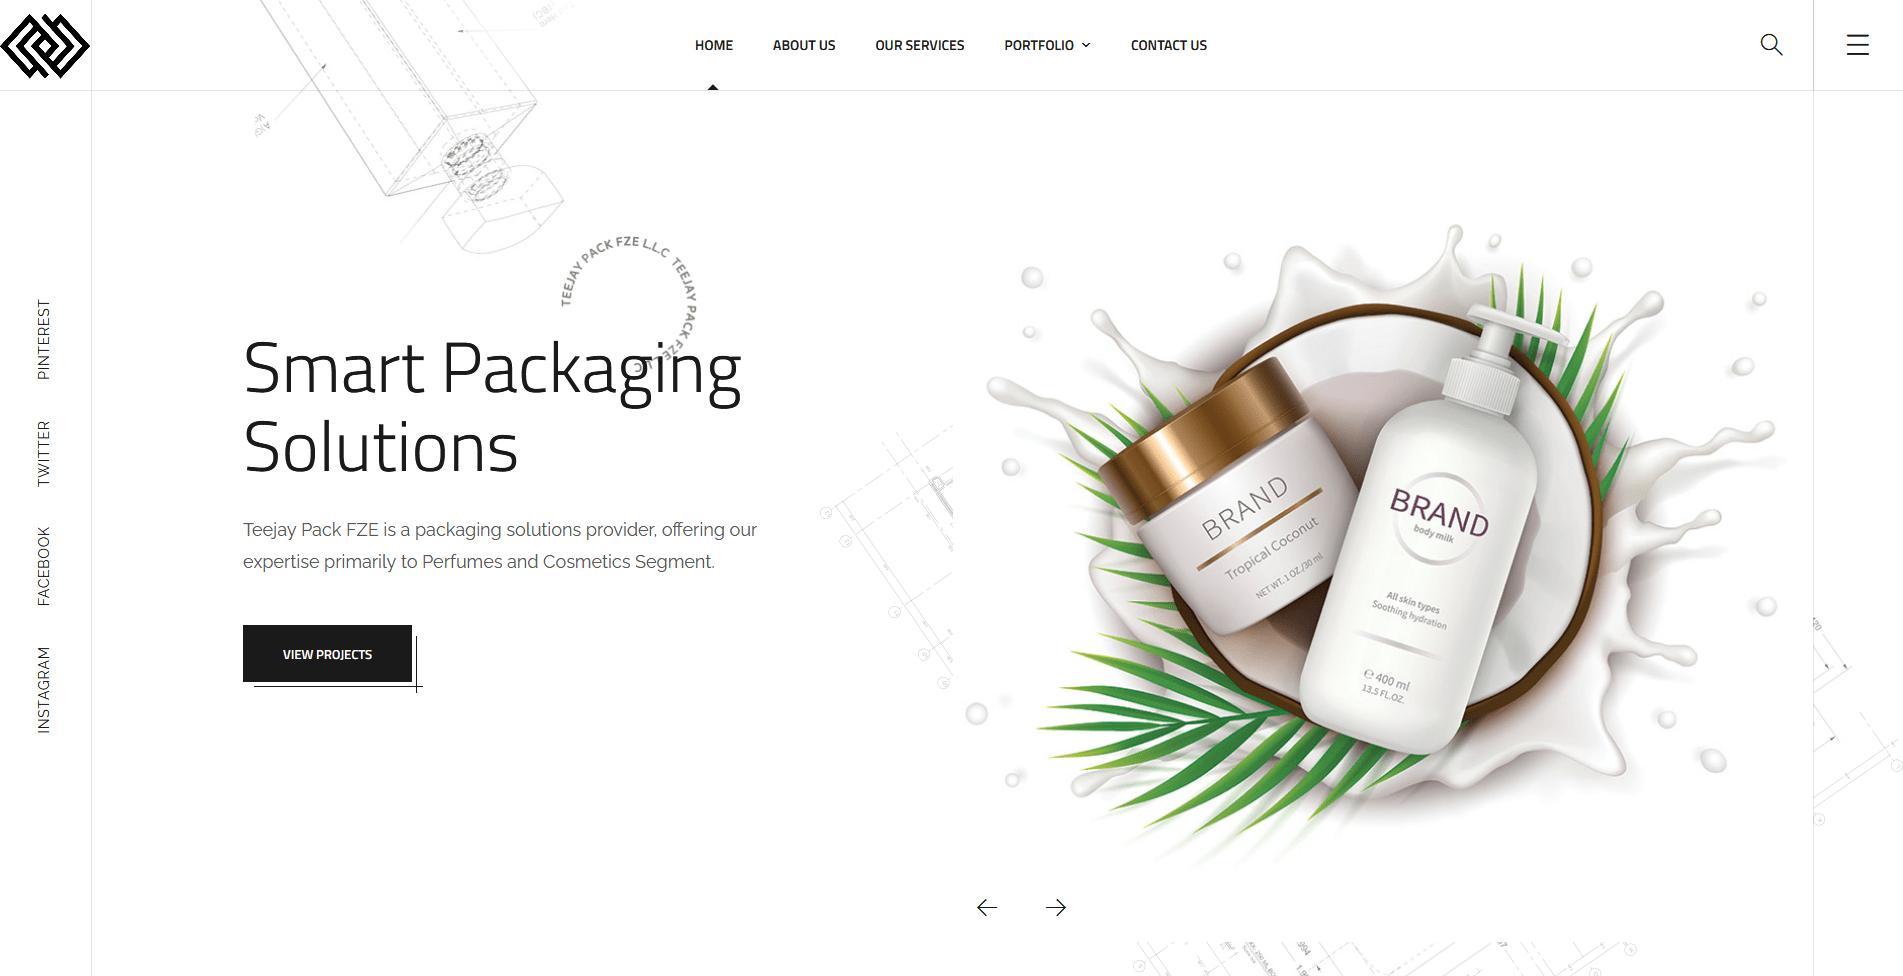 TeeJay Pack FZE